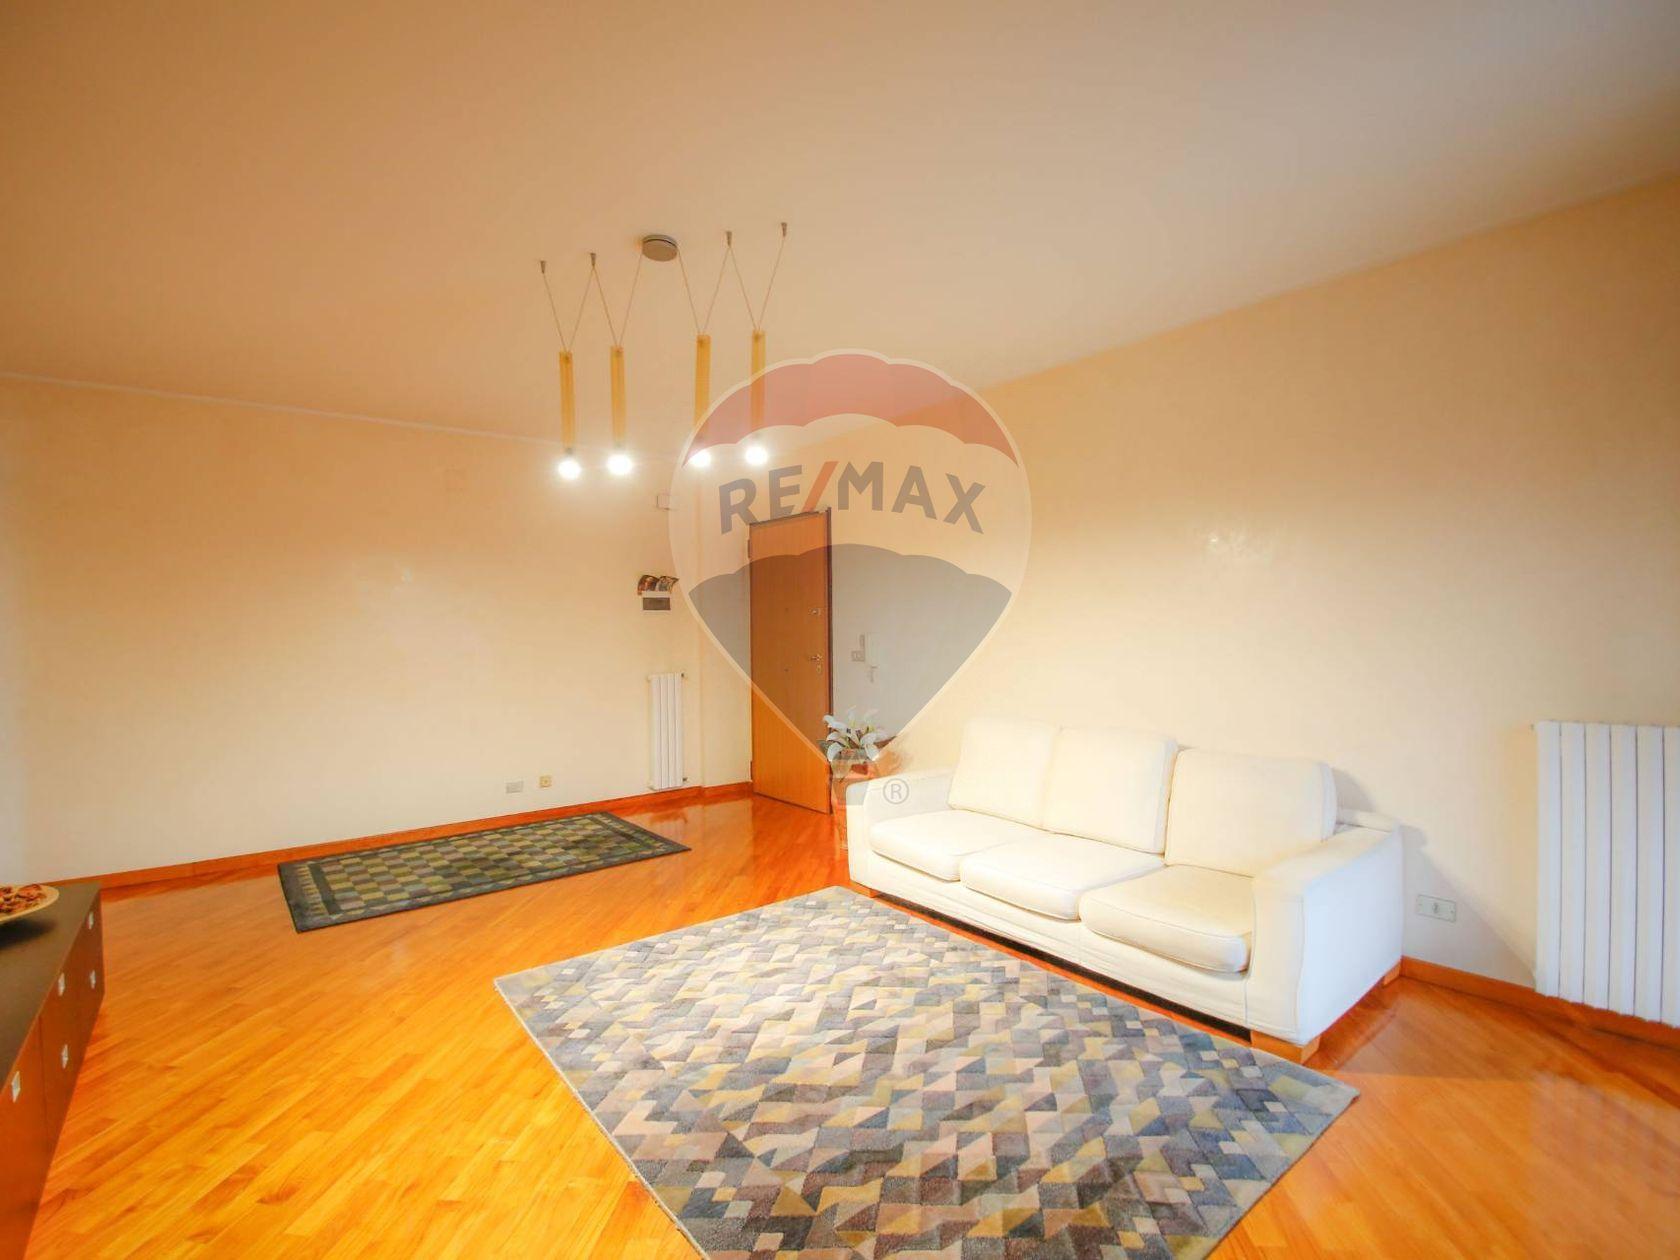 Appartamento Filippone, Chieti, CH Vendita - Foto 7